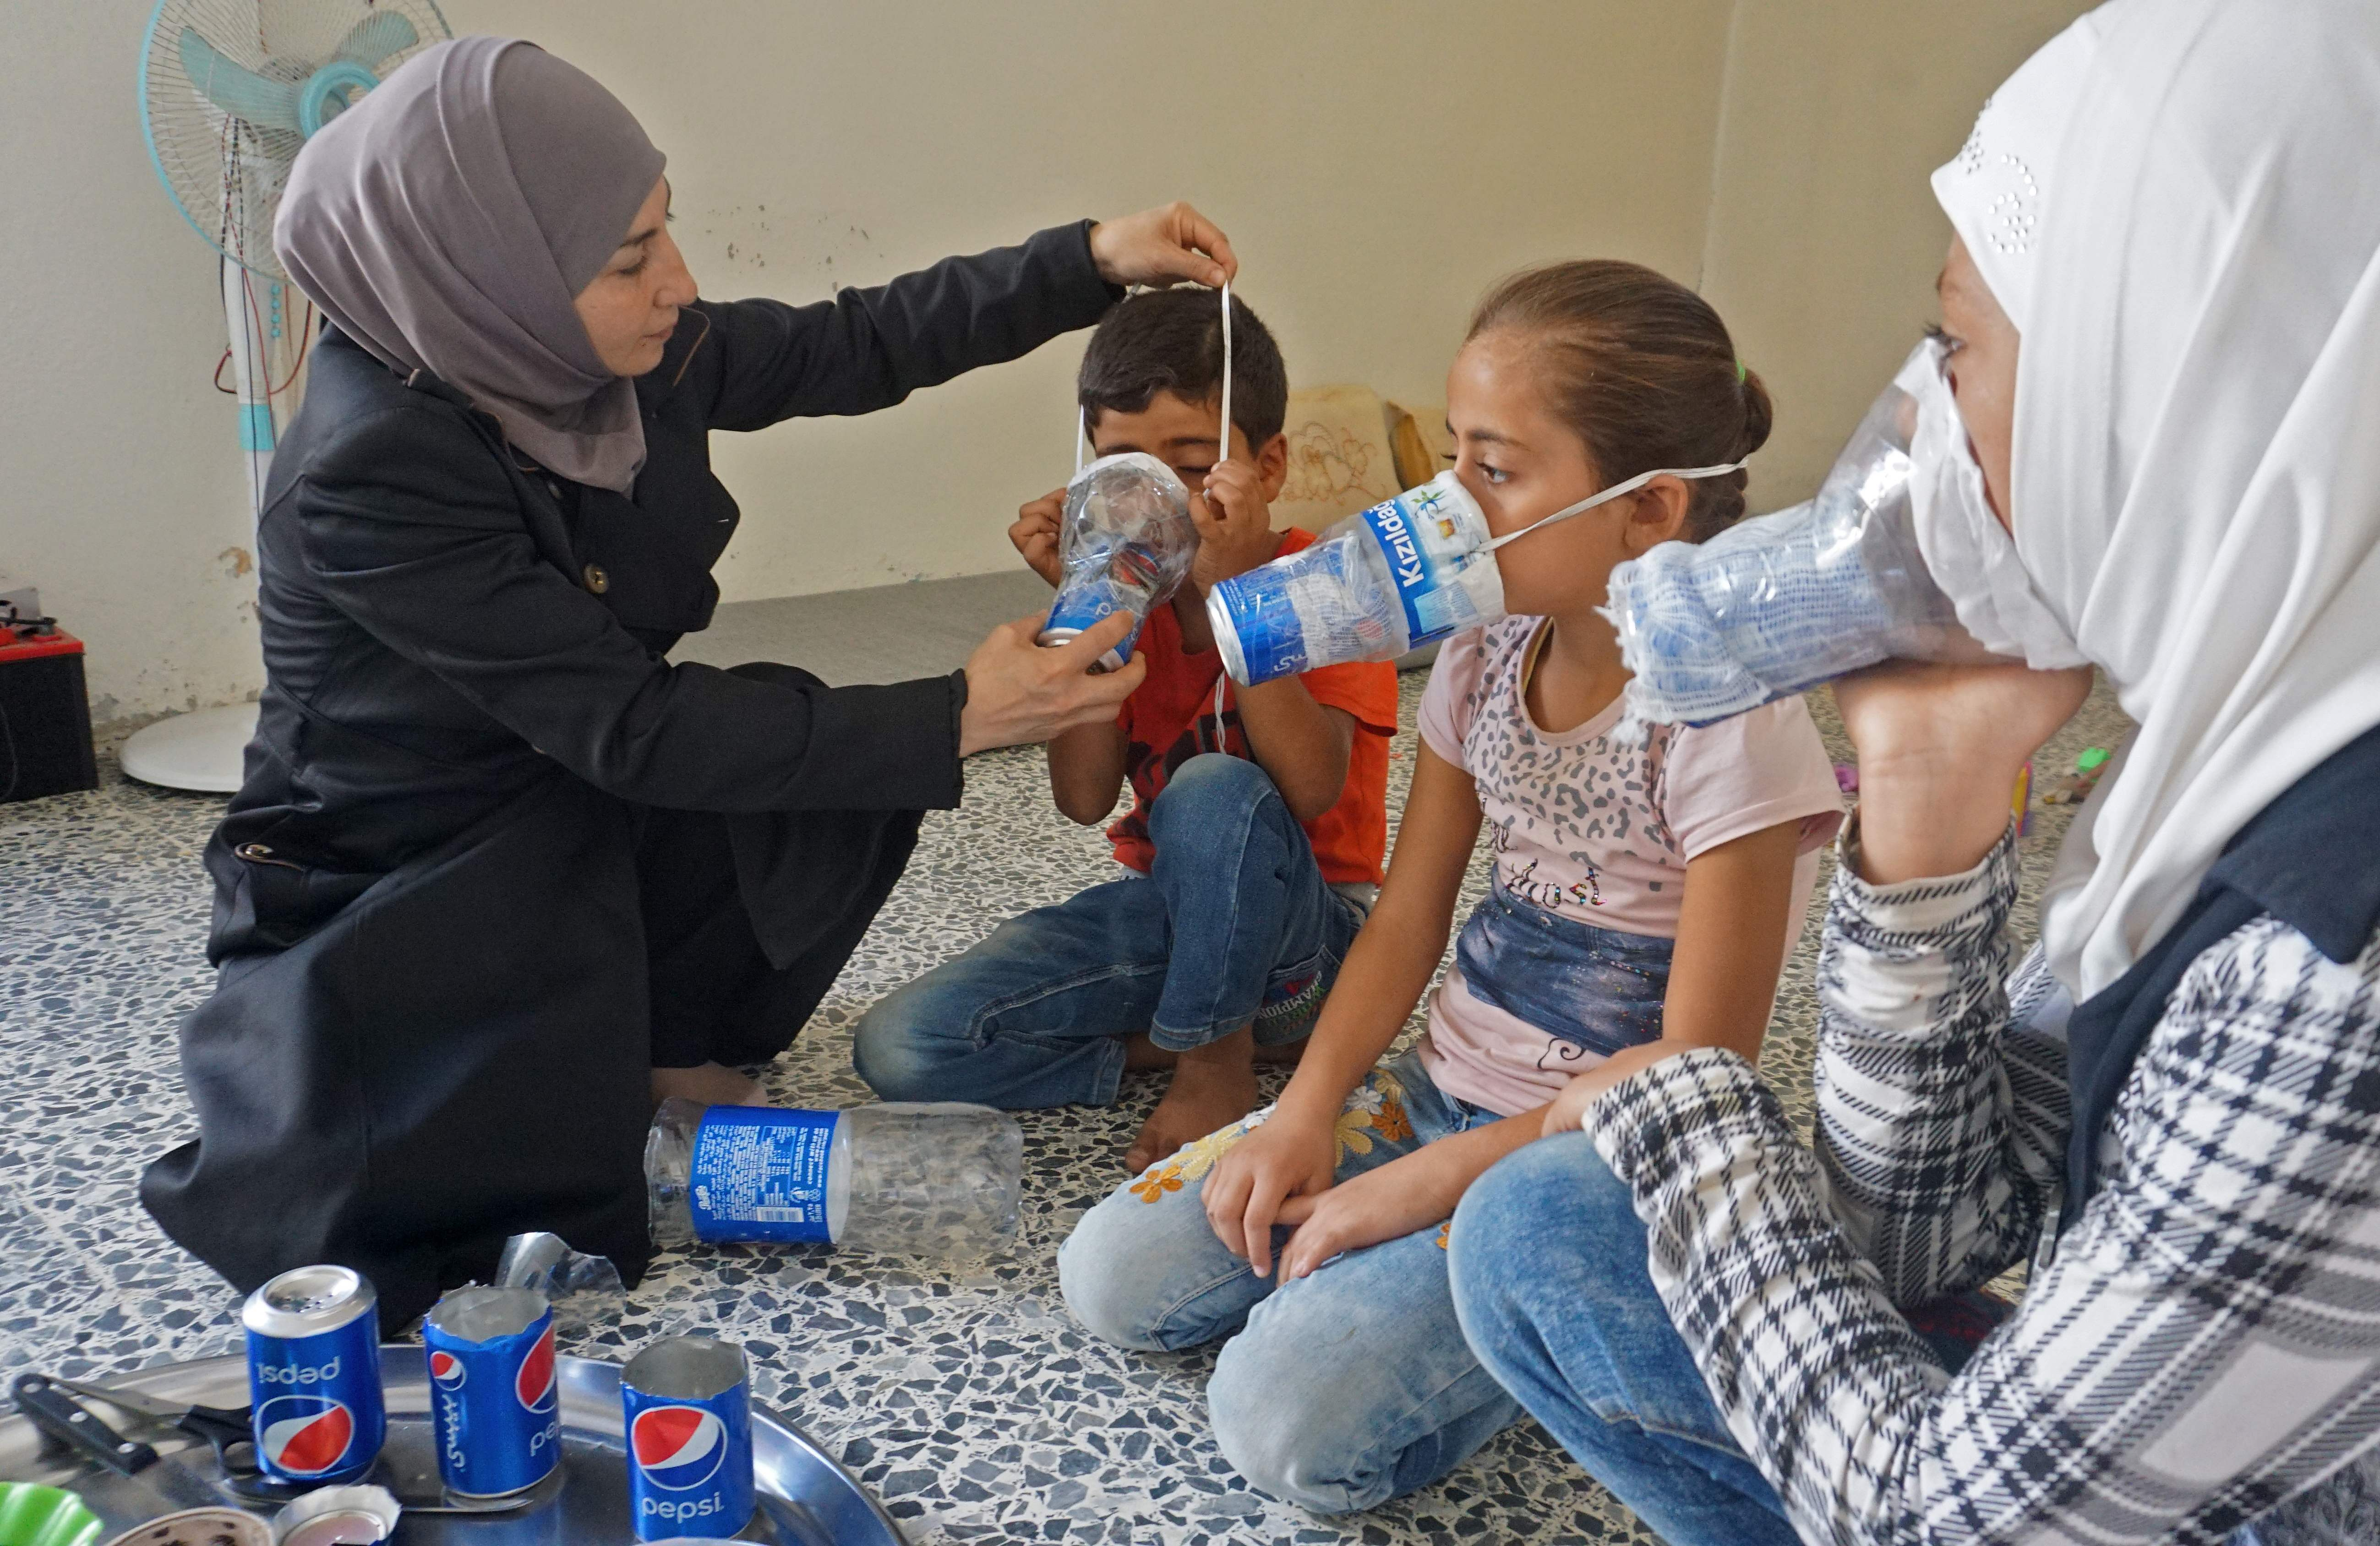 الام تساعد اطفالها على ارتداء اقنعة الغاز